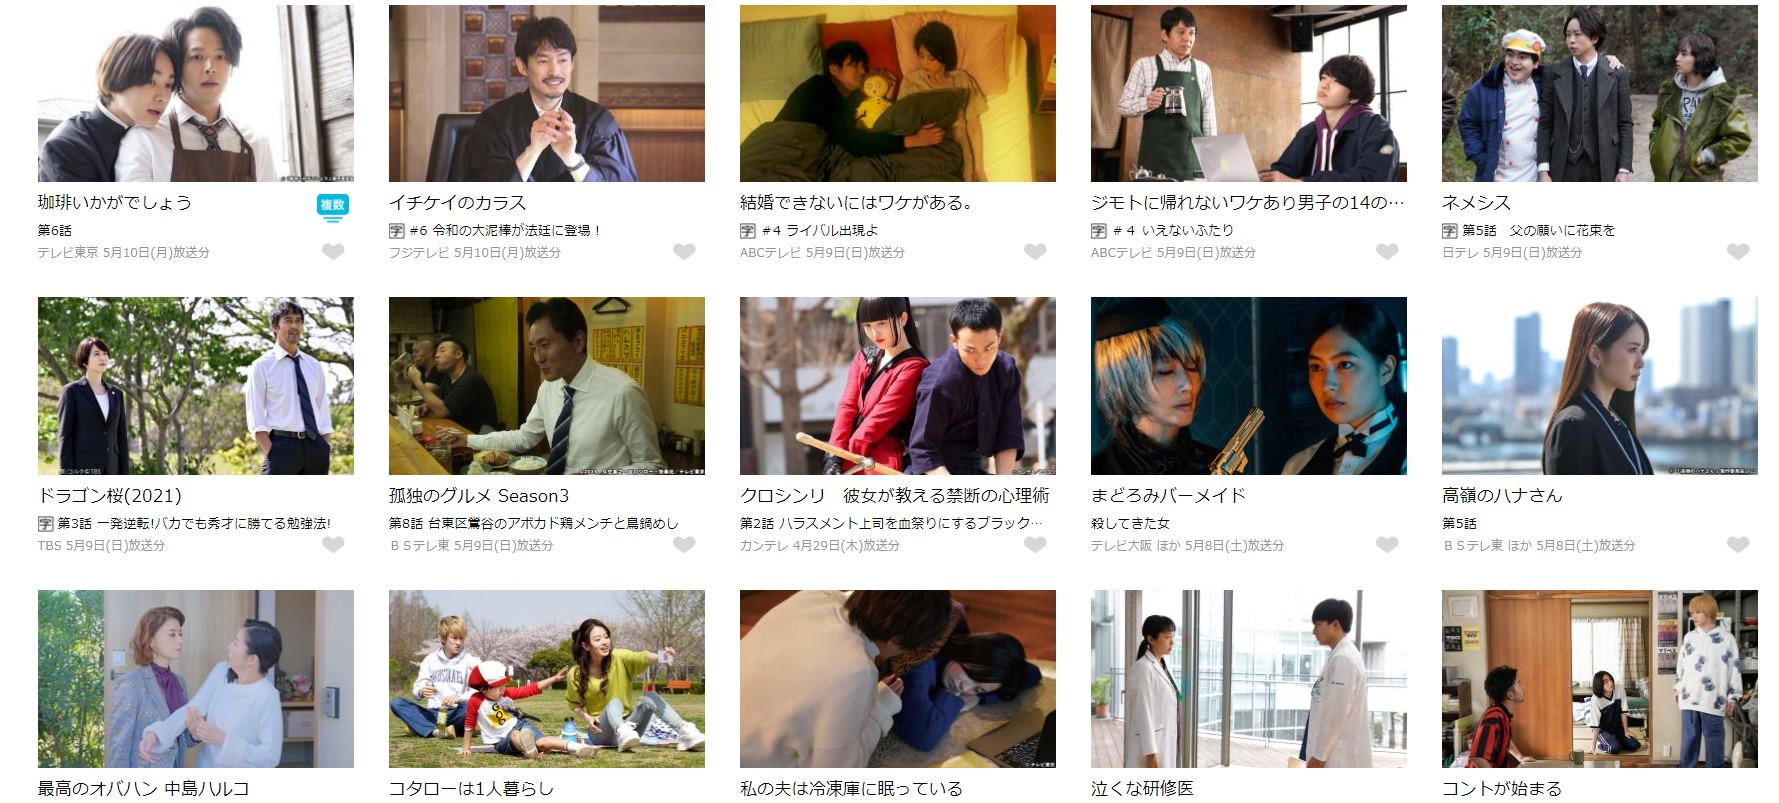 【2021年春ドラマ】人気No.1を決めよう! 一番おもしろいと思うドラマは? | ねとらぼ調査隊